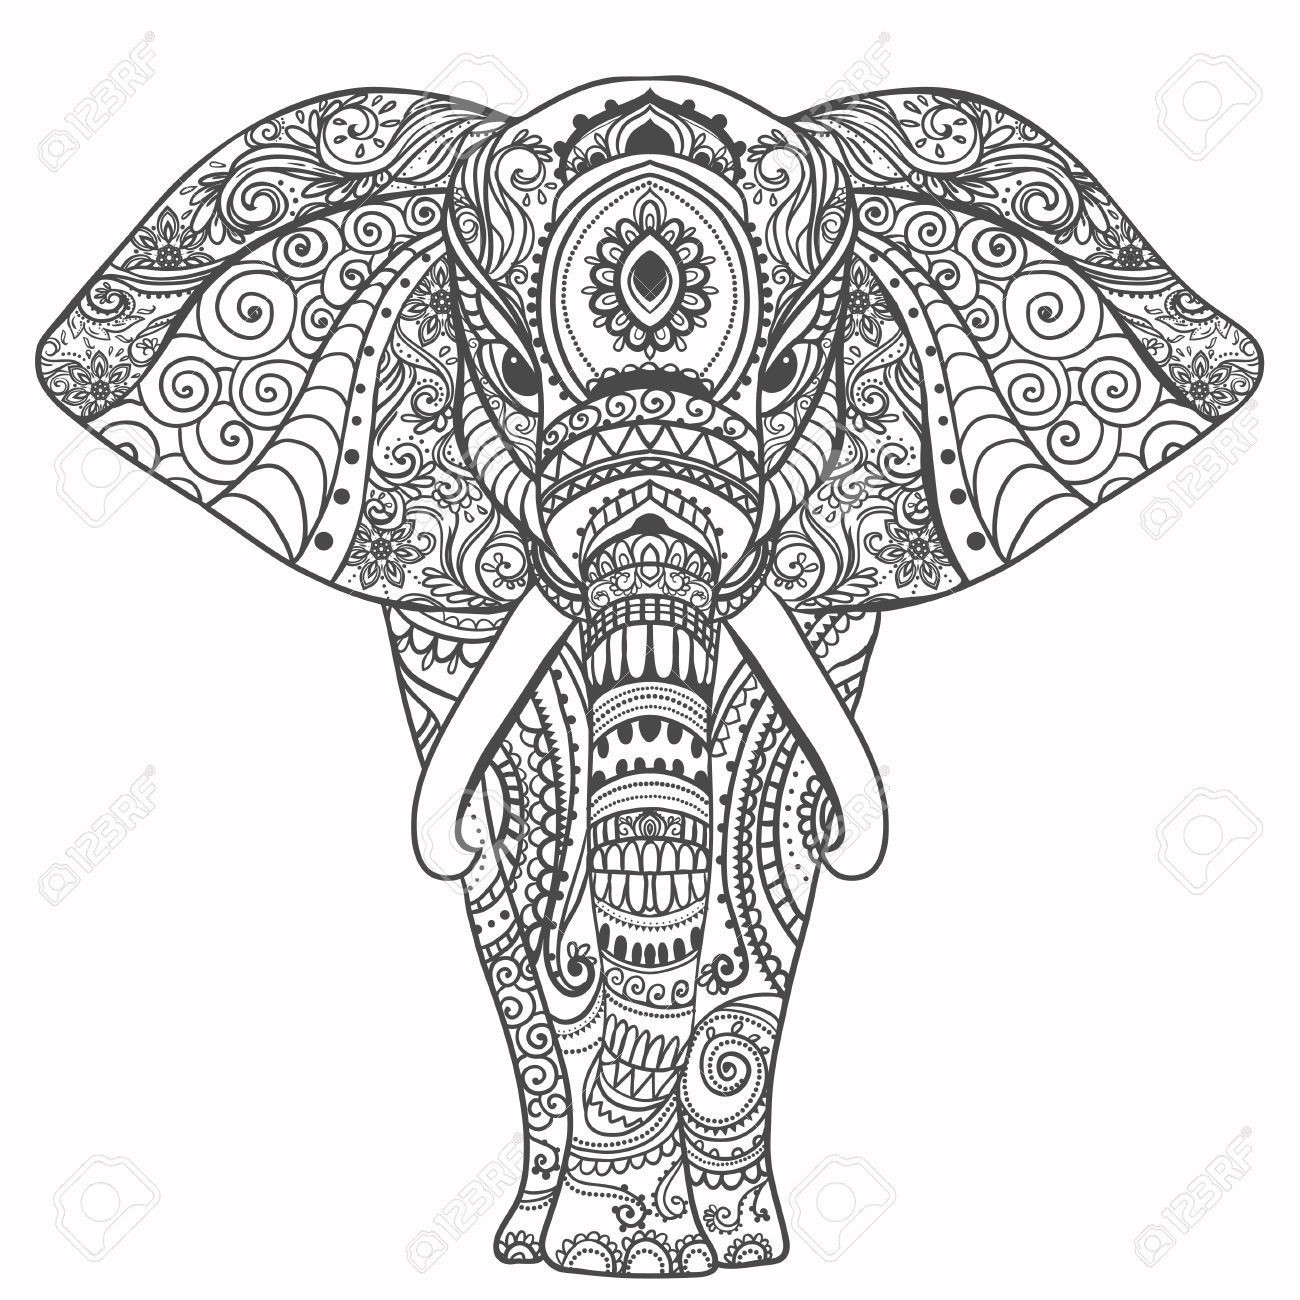 Elefant Zum Ausdrucken Genial Gruß Schöne Karte Mit Elefant Frame Animal Gemacht In Vektor Galerie